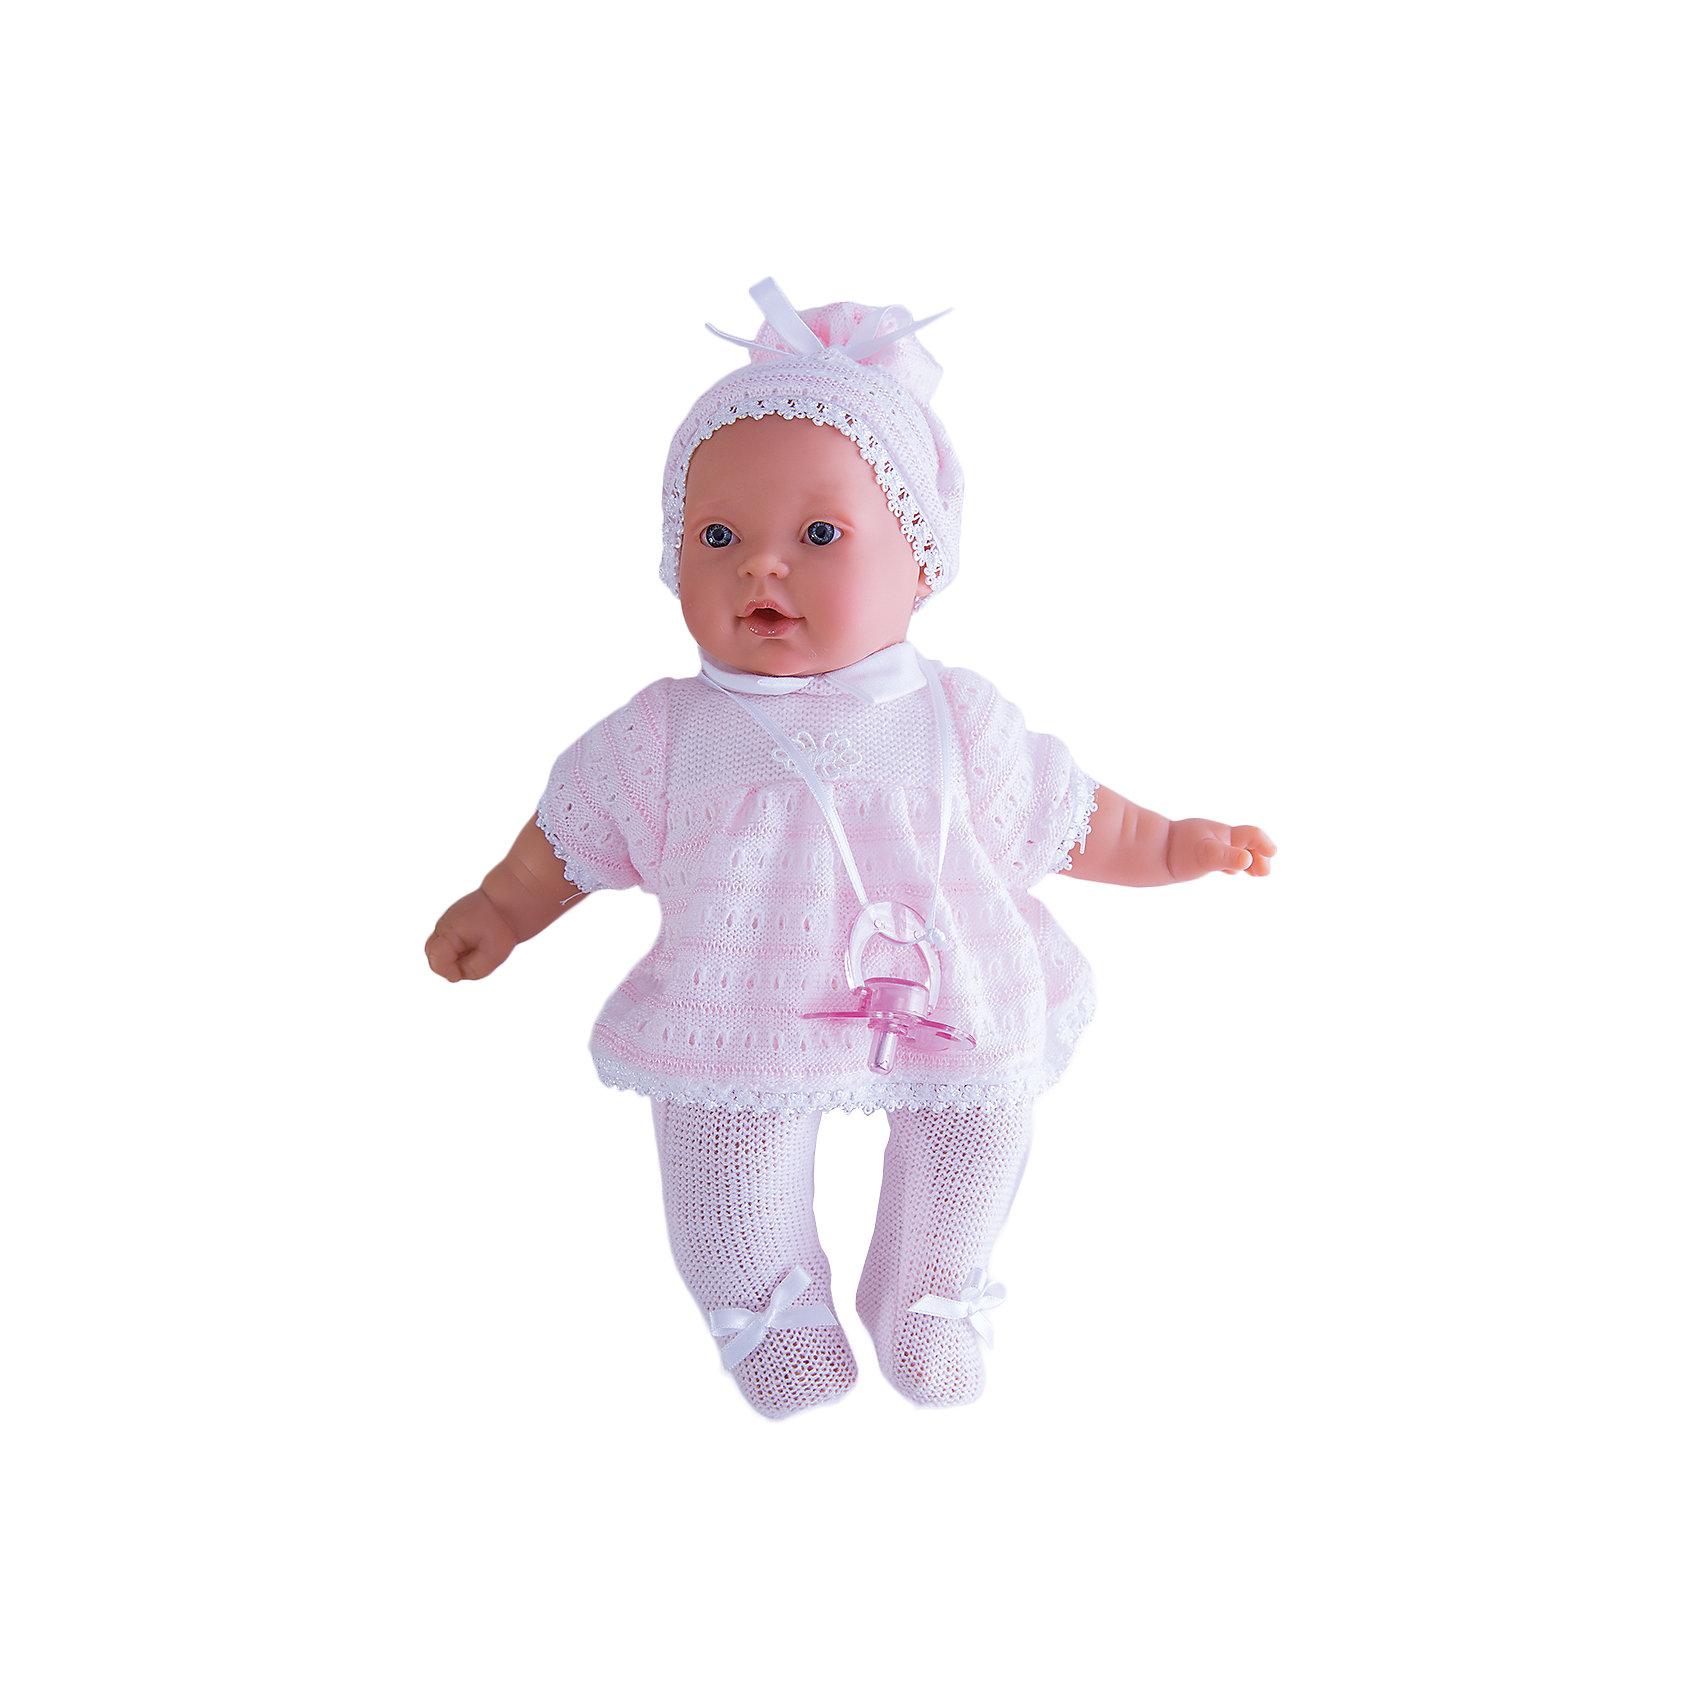 Кукла Лана в розовом, 27 см, Munecas Antonio JuanКлассические куклы<br>Кукла Лана в розовом, 27 см, Munecas Antonio Juan (Мунекас Антонио Хуан) - эта чудесная милая кукла станет любимицей Вашей девочки.<br>Кукла-младенец Лана порадует вашу малышку и подарит ей массу положительных эмоций. Вы влюбитесь в куклу с первого взгляда, стоит лишь посмотреть в ее очаровательные глазки.  Лана выглядит совсем как ребенок. Искусно выполненные детали, такие как складочки, на ручках, личико с детальными прорисовками, пухлые щечки и приоткрытые губки, придают кукле трогательный и реалистичный вид. О Лане надо заботиться, потому что она плачет, если ей вовремя не дать соску. Кукла одета в нежно-розовые ползунки с бантиками и кофточку. На голове у нее милая шапочка. Кофточка и шапочка украшены изящным кружевом. Все элементы наряда выполнены из высококачественного текстиля, который не вызывает аллергических реакций. Тельце у куклы мягко-набивное, голова, ручки и ножки сделаны из мягкого качественного винила. Голова, ручки и ножки подвижны. Кукла упакована в красивую подарочную коробку.<br><br>Дополнительная информация:<br><br>- В комплекте: кукла, соска<br>- Интерактивные функции куклы: выньте соску - кукла заплачет, вставьте соску в ротик - кукла замолчит<br>- Глаза куклы не закрываются<br>- Высоты куклы: 27 см.<br>- Материал: высококачественный винил, текстиль<br>- Батарейки: 3 типа АА (входят в комплект)<br>- Упаковка: подарочная коробка<br>- Размер упаковки: 31,5х18х10,5 см.<br>- Вес: 638 гр.<br><br>Куклу Лана в розовом, 27 см, Munecas Antonio Juan (Мунекас Антонио Хуан) можно купить в нашем интернет-магазине.<br><br>Ширина мм: 315<br>Глубина мм: 180<br>Высота мм: 105<br>Вес г: 638<br>Возраст от месяцев: 36<br>Возраст до месяцев: 84<br>Пол: Женский<br>Возраст: Детский<br>SKU: 4558043